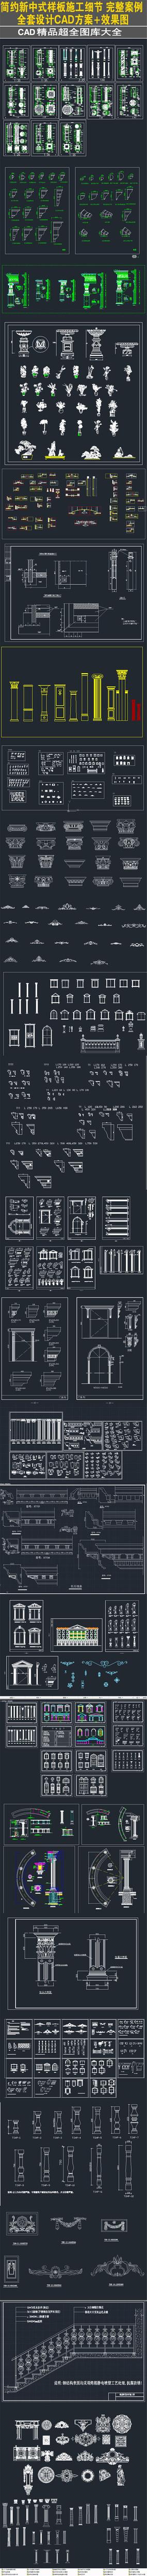 欧式经典构造窗户罗马柱线条线板等图集